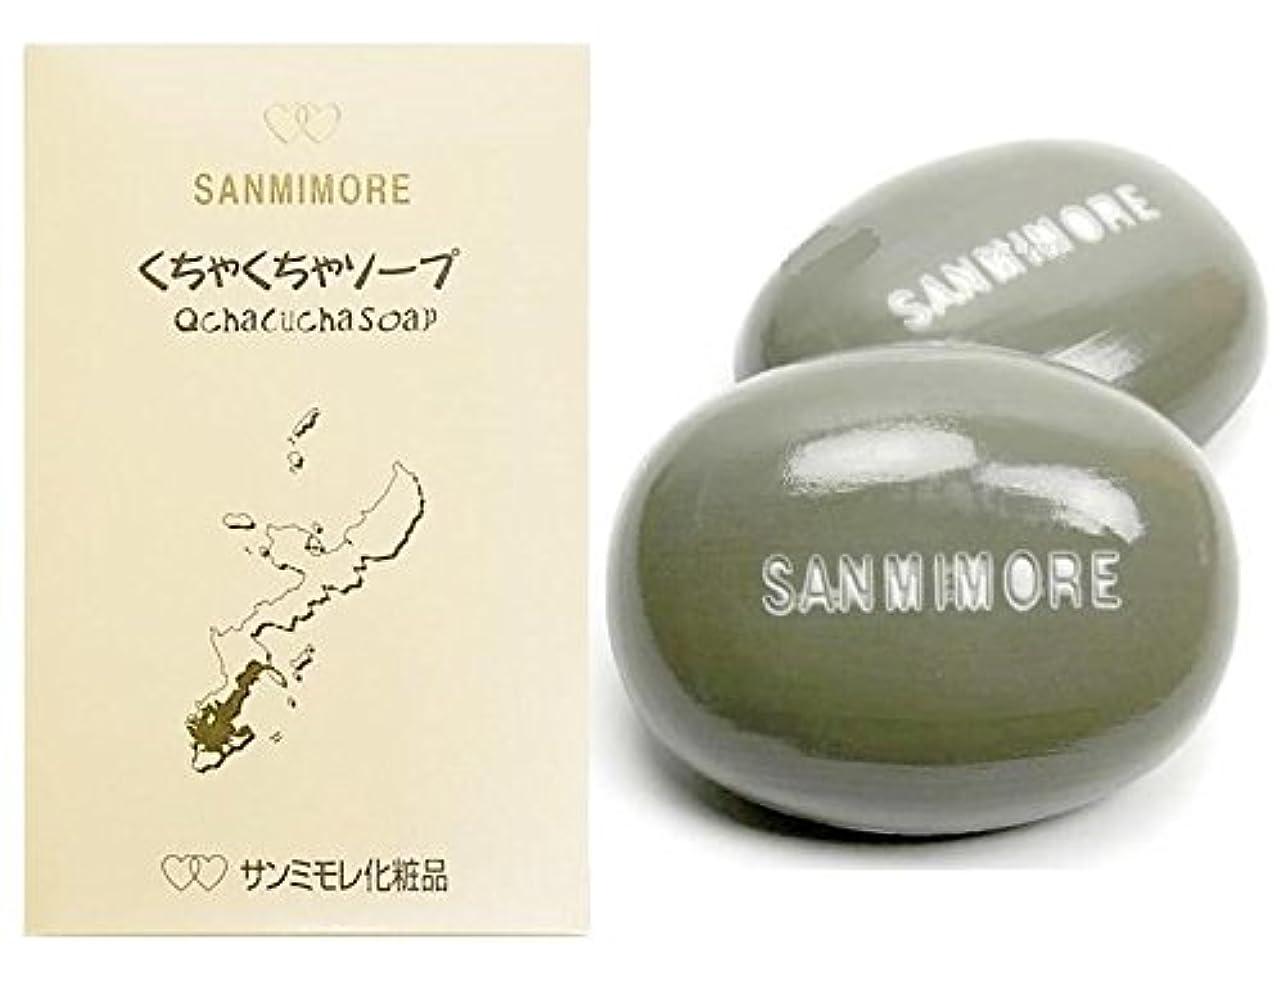 重さエコーベルトSANMIMORE(サンミモレ化粧品) くちゃくちゃソープ75g×2個 サンミモレ ベール専用石鹸